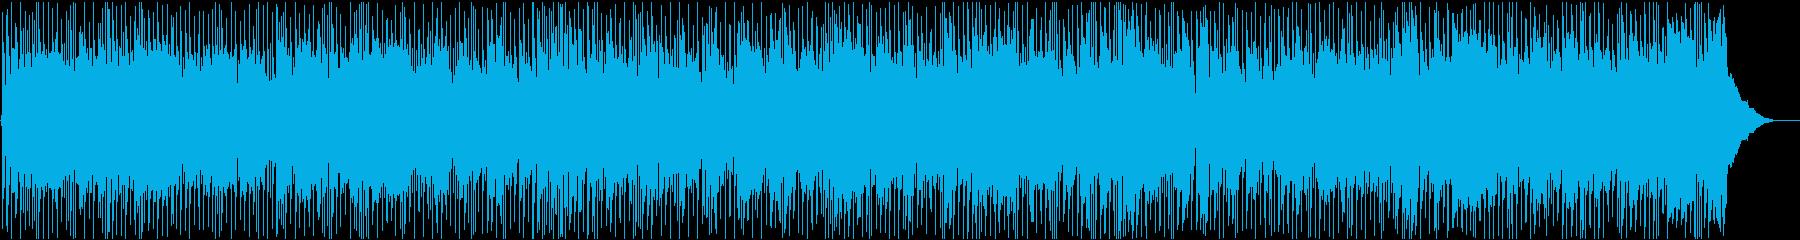 かっこいい疾走感のカントリー アクティブの再生済みの波形